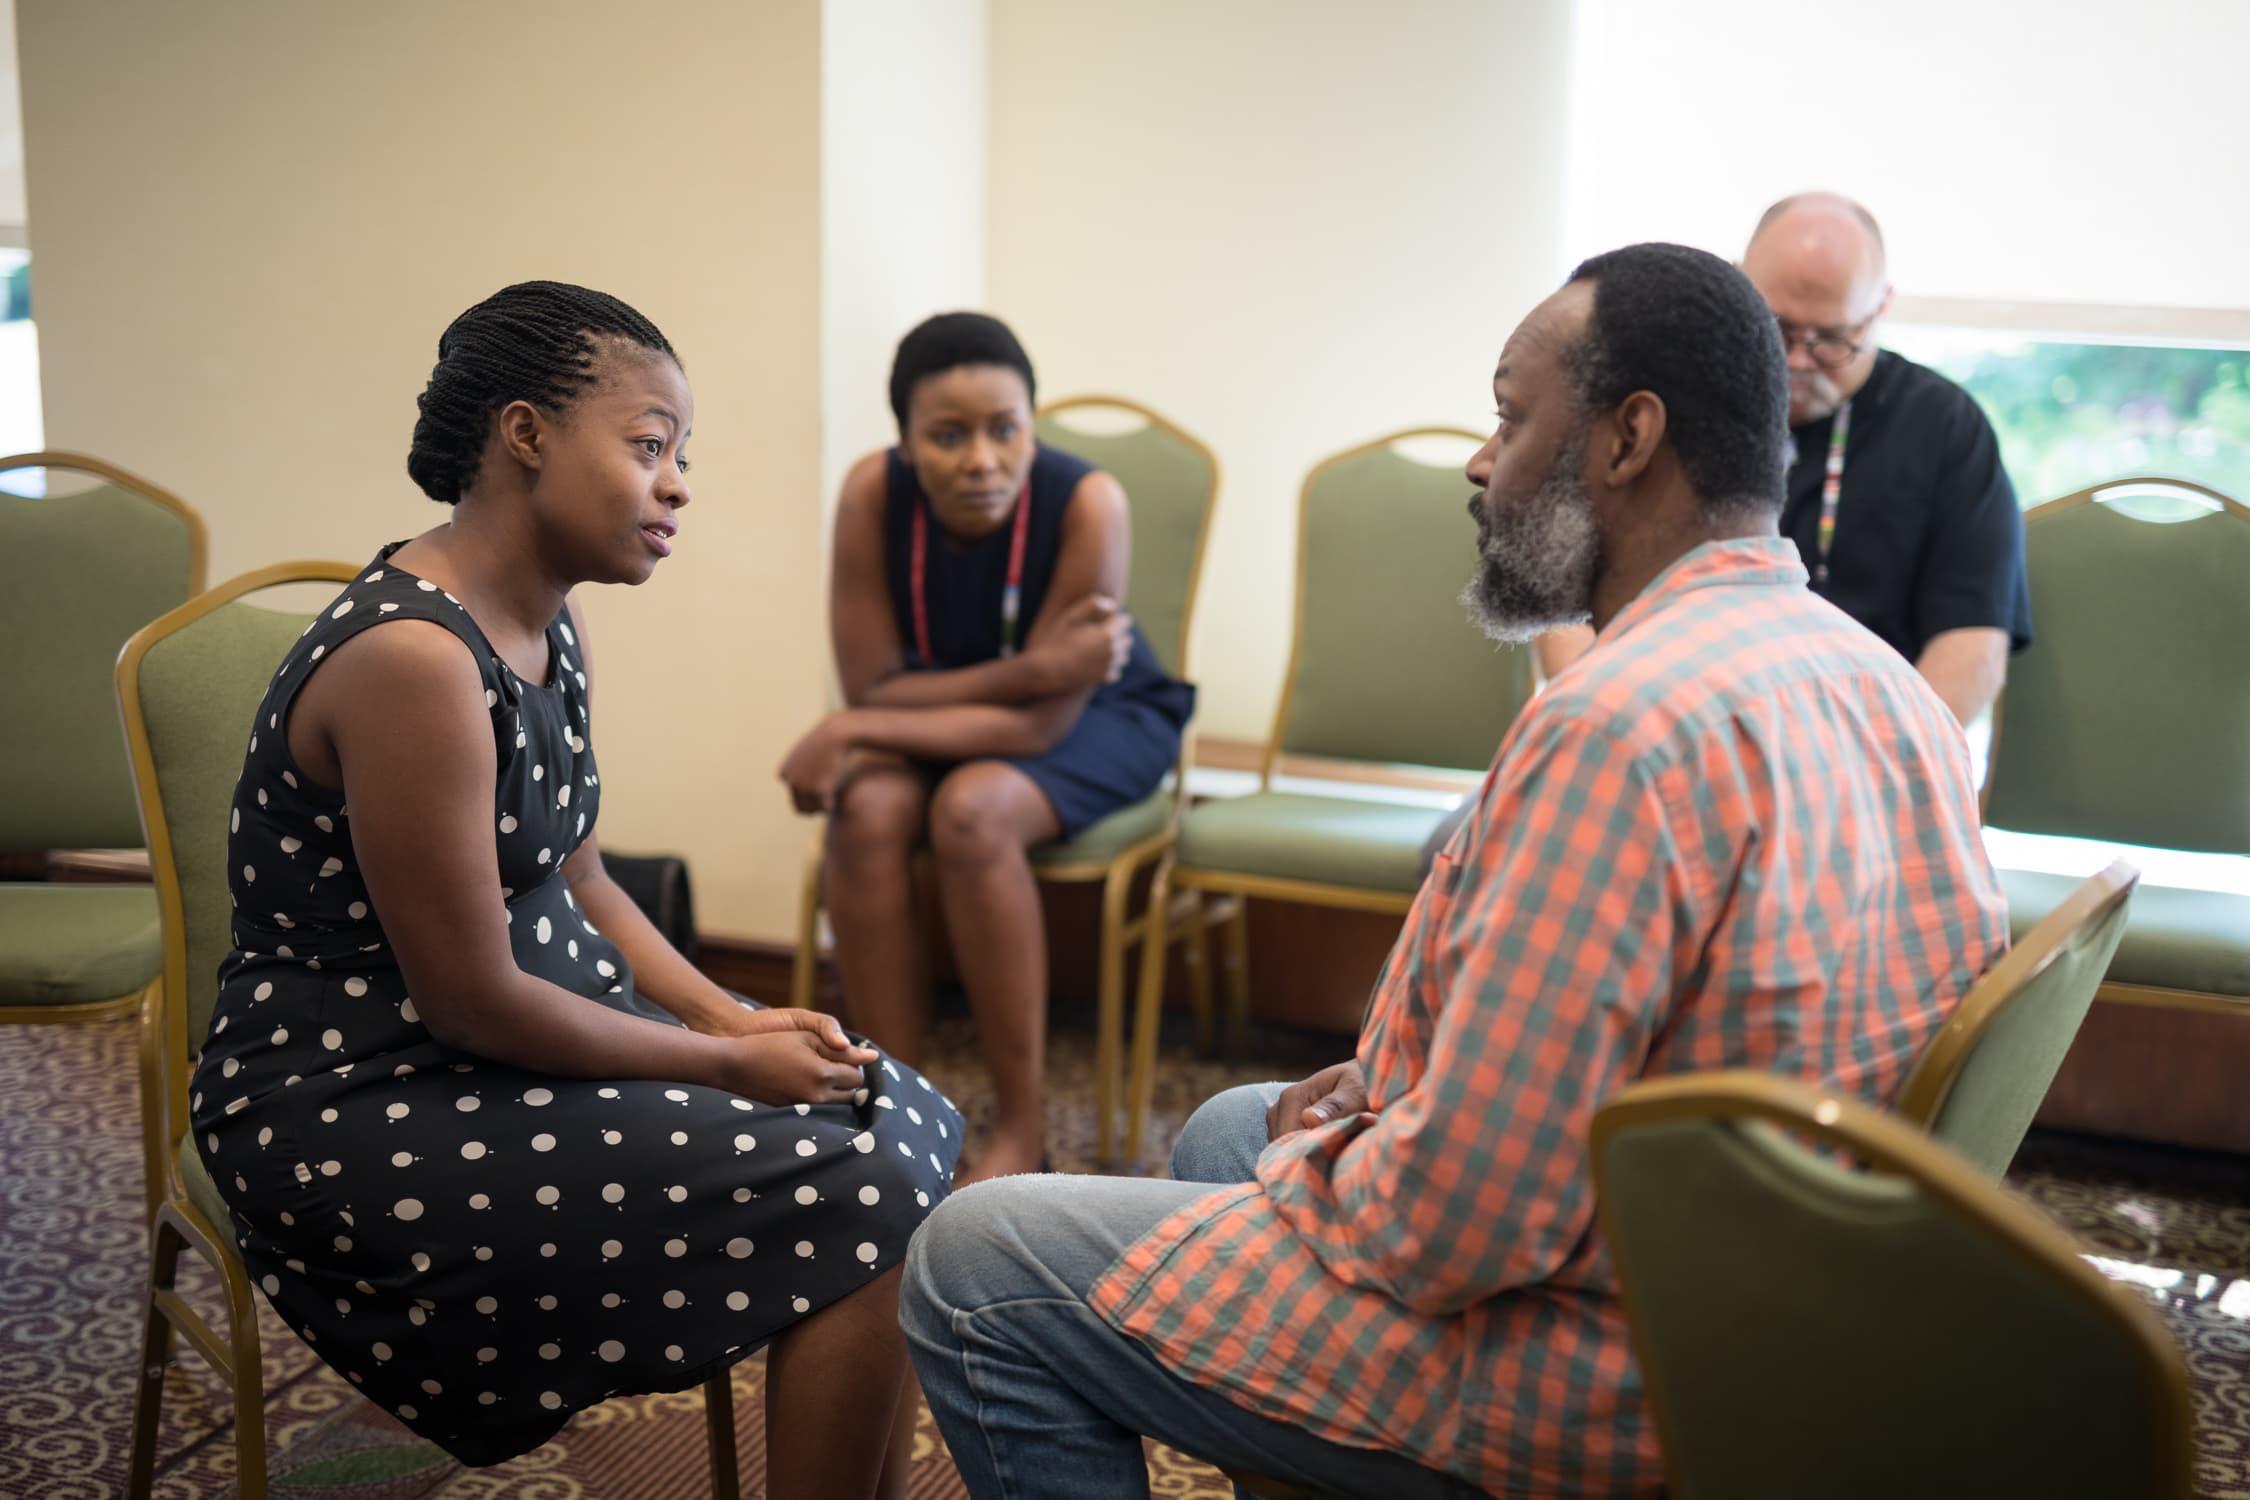 Une femme en robe noire et un homme en chemise orange se parlent, assis sur des chaises l'un en face de l'autre. Une autre femme les regarde.